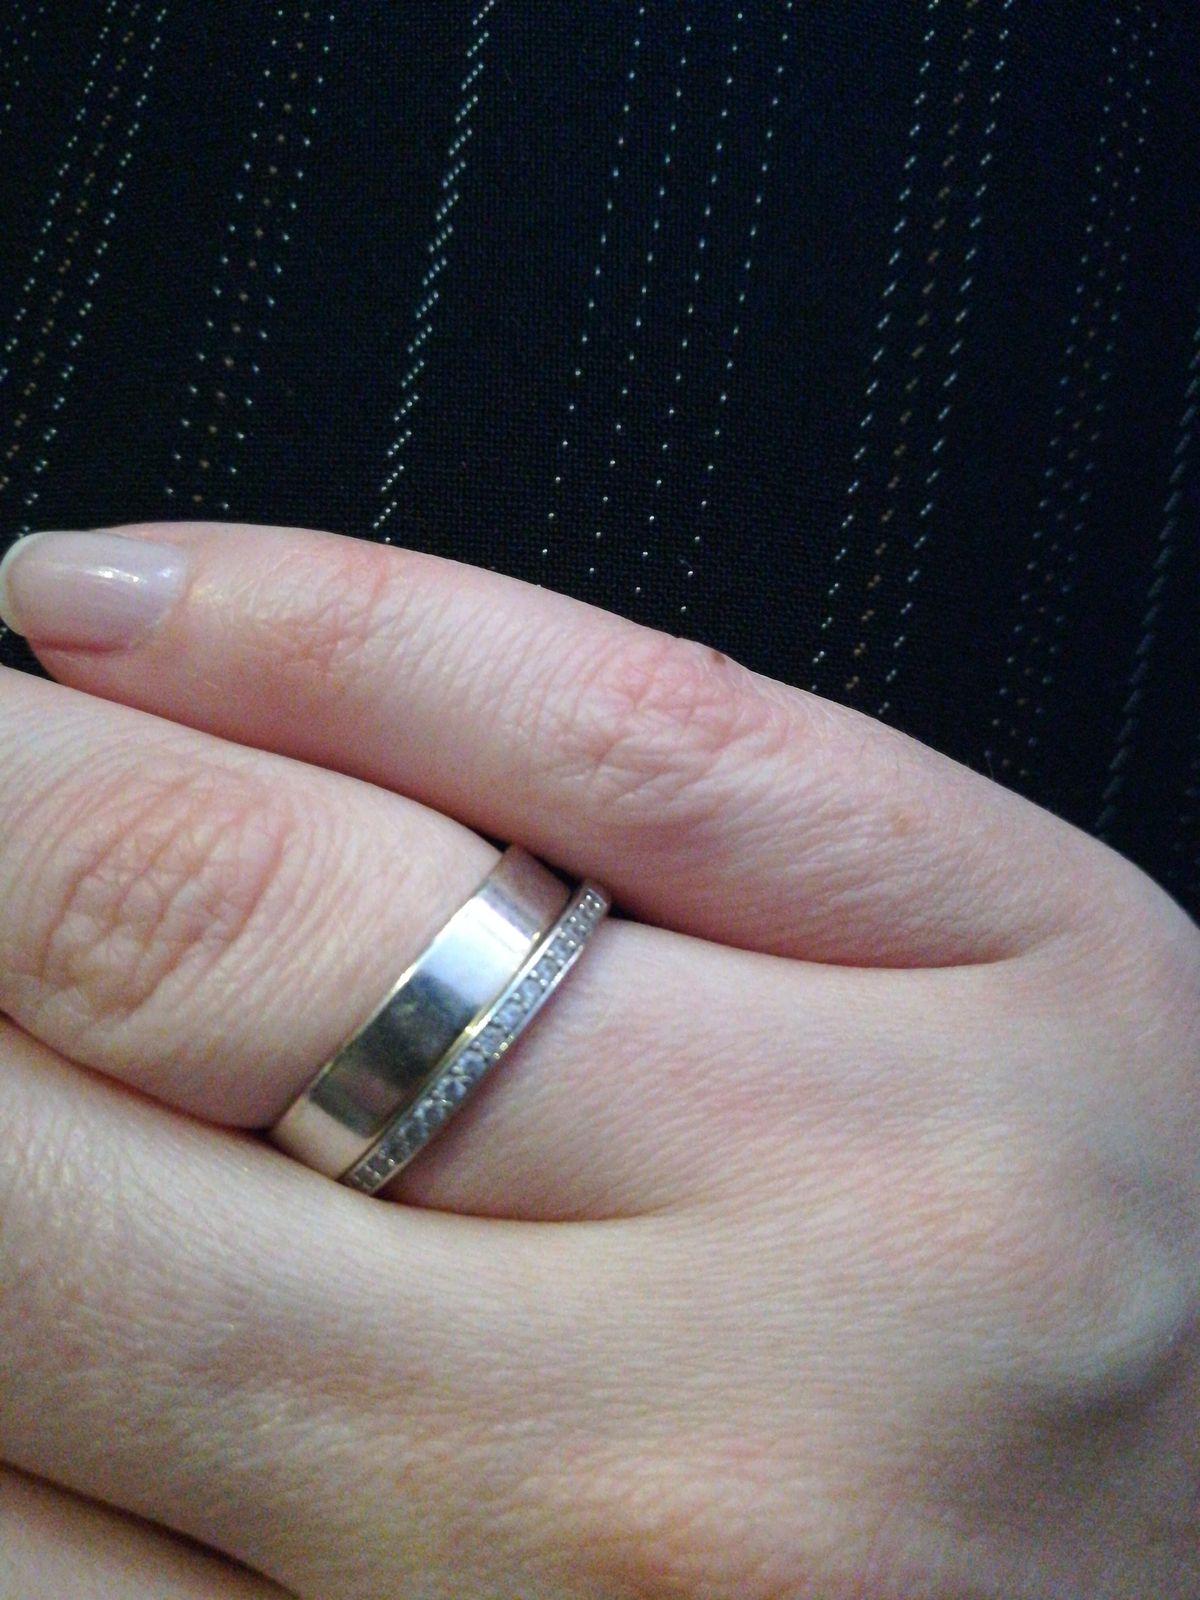 Хорошее кольцо по приятной цене